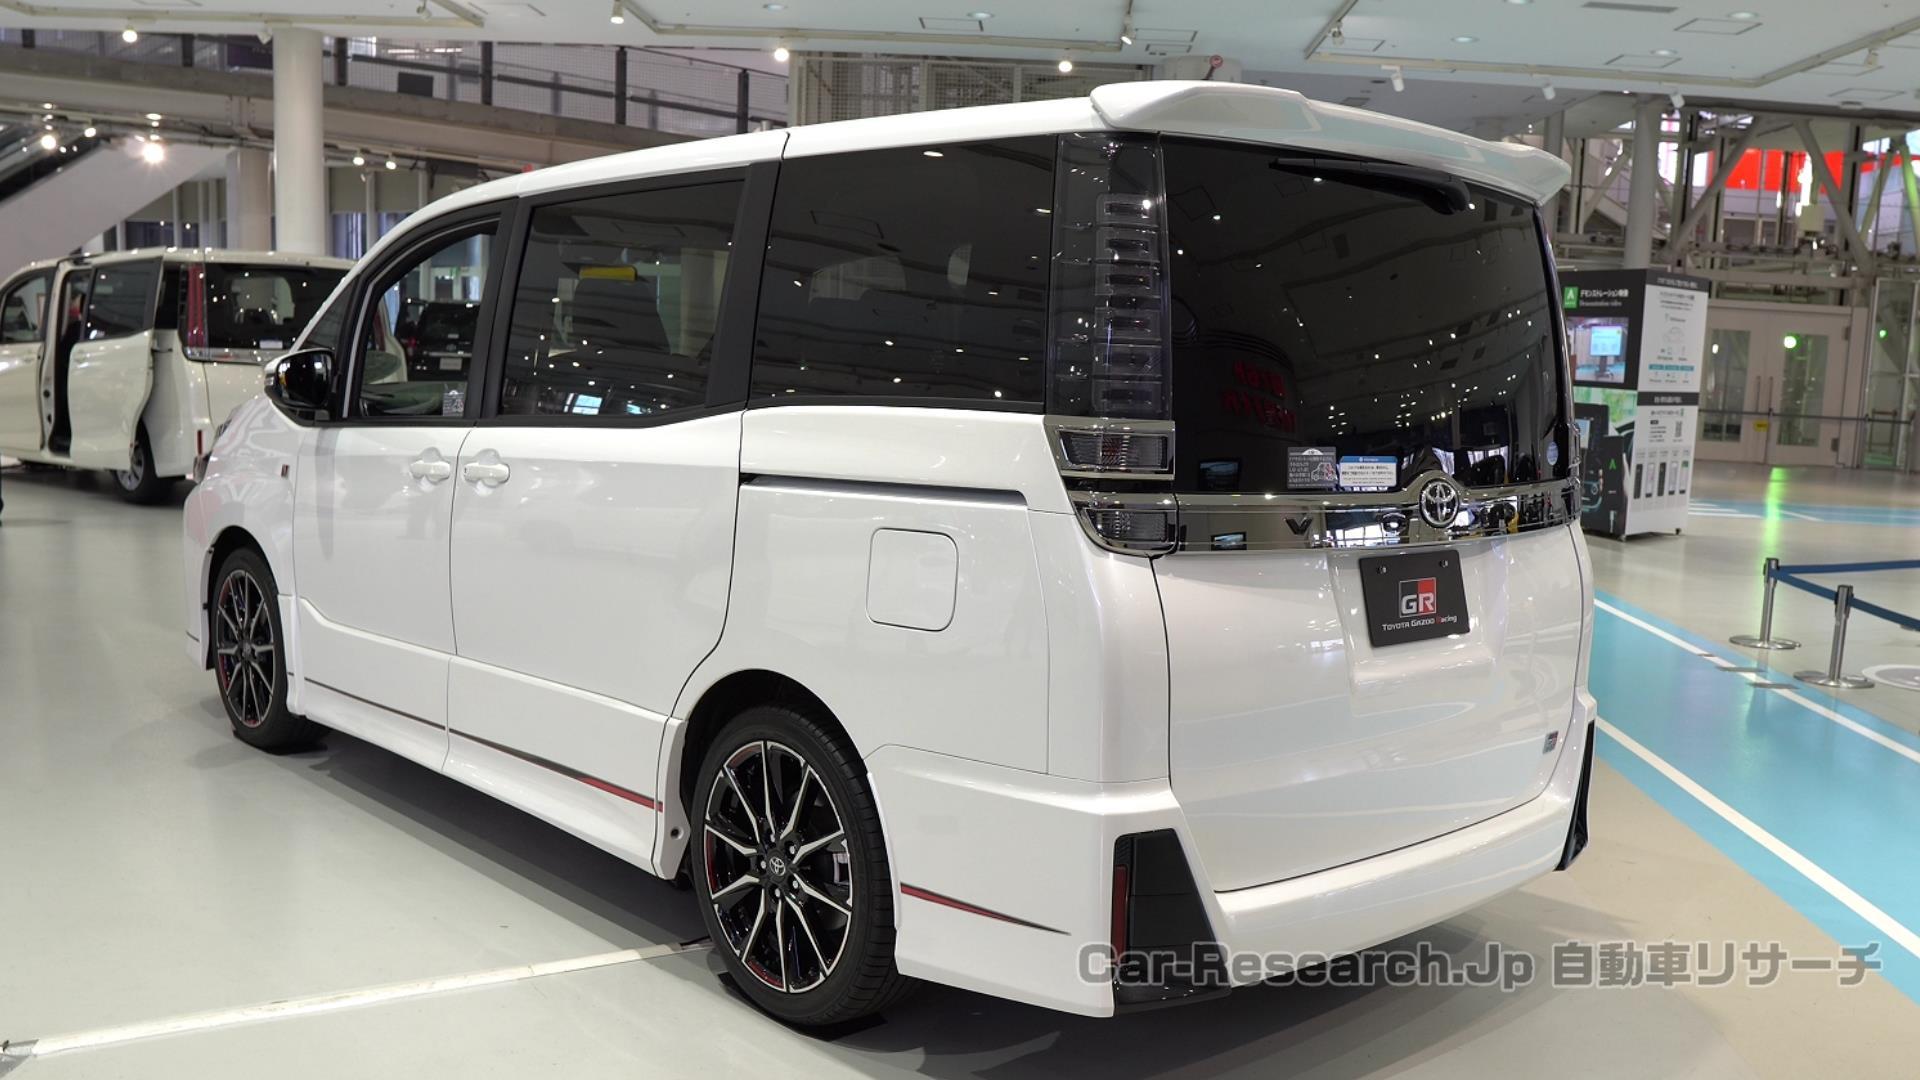 ノア 次期 ノアのフルモデルチェンジは2022年 ハイブリッド車はクラスNo.1の低燃費を実現か